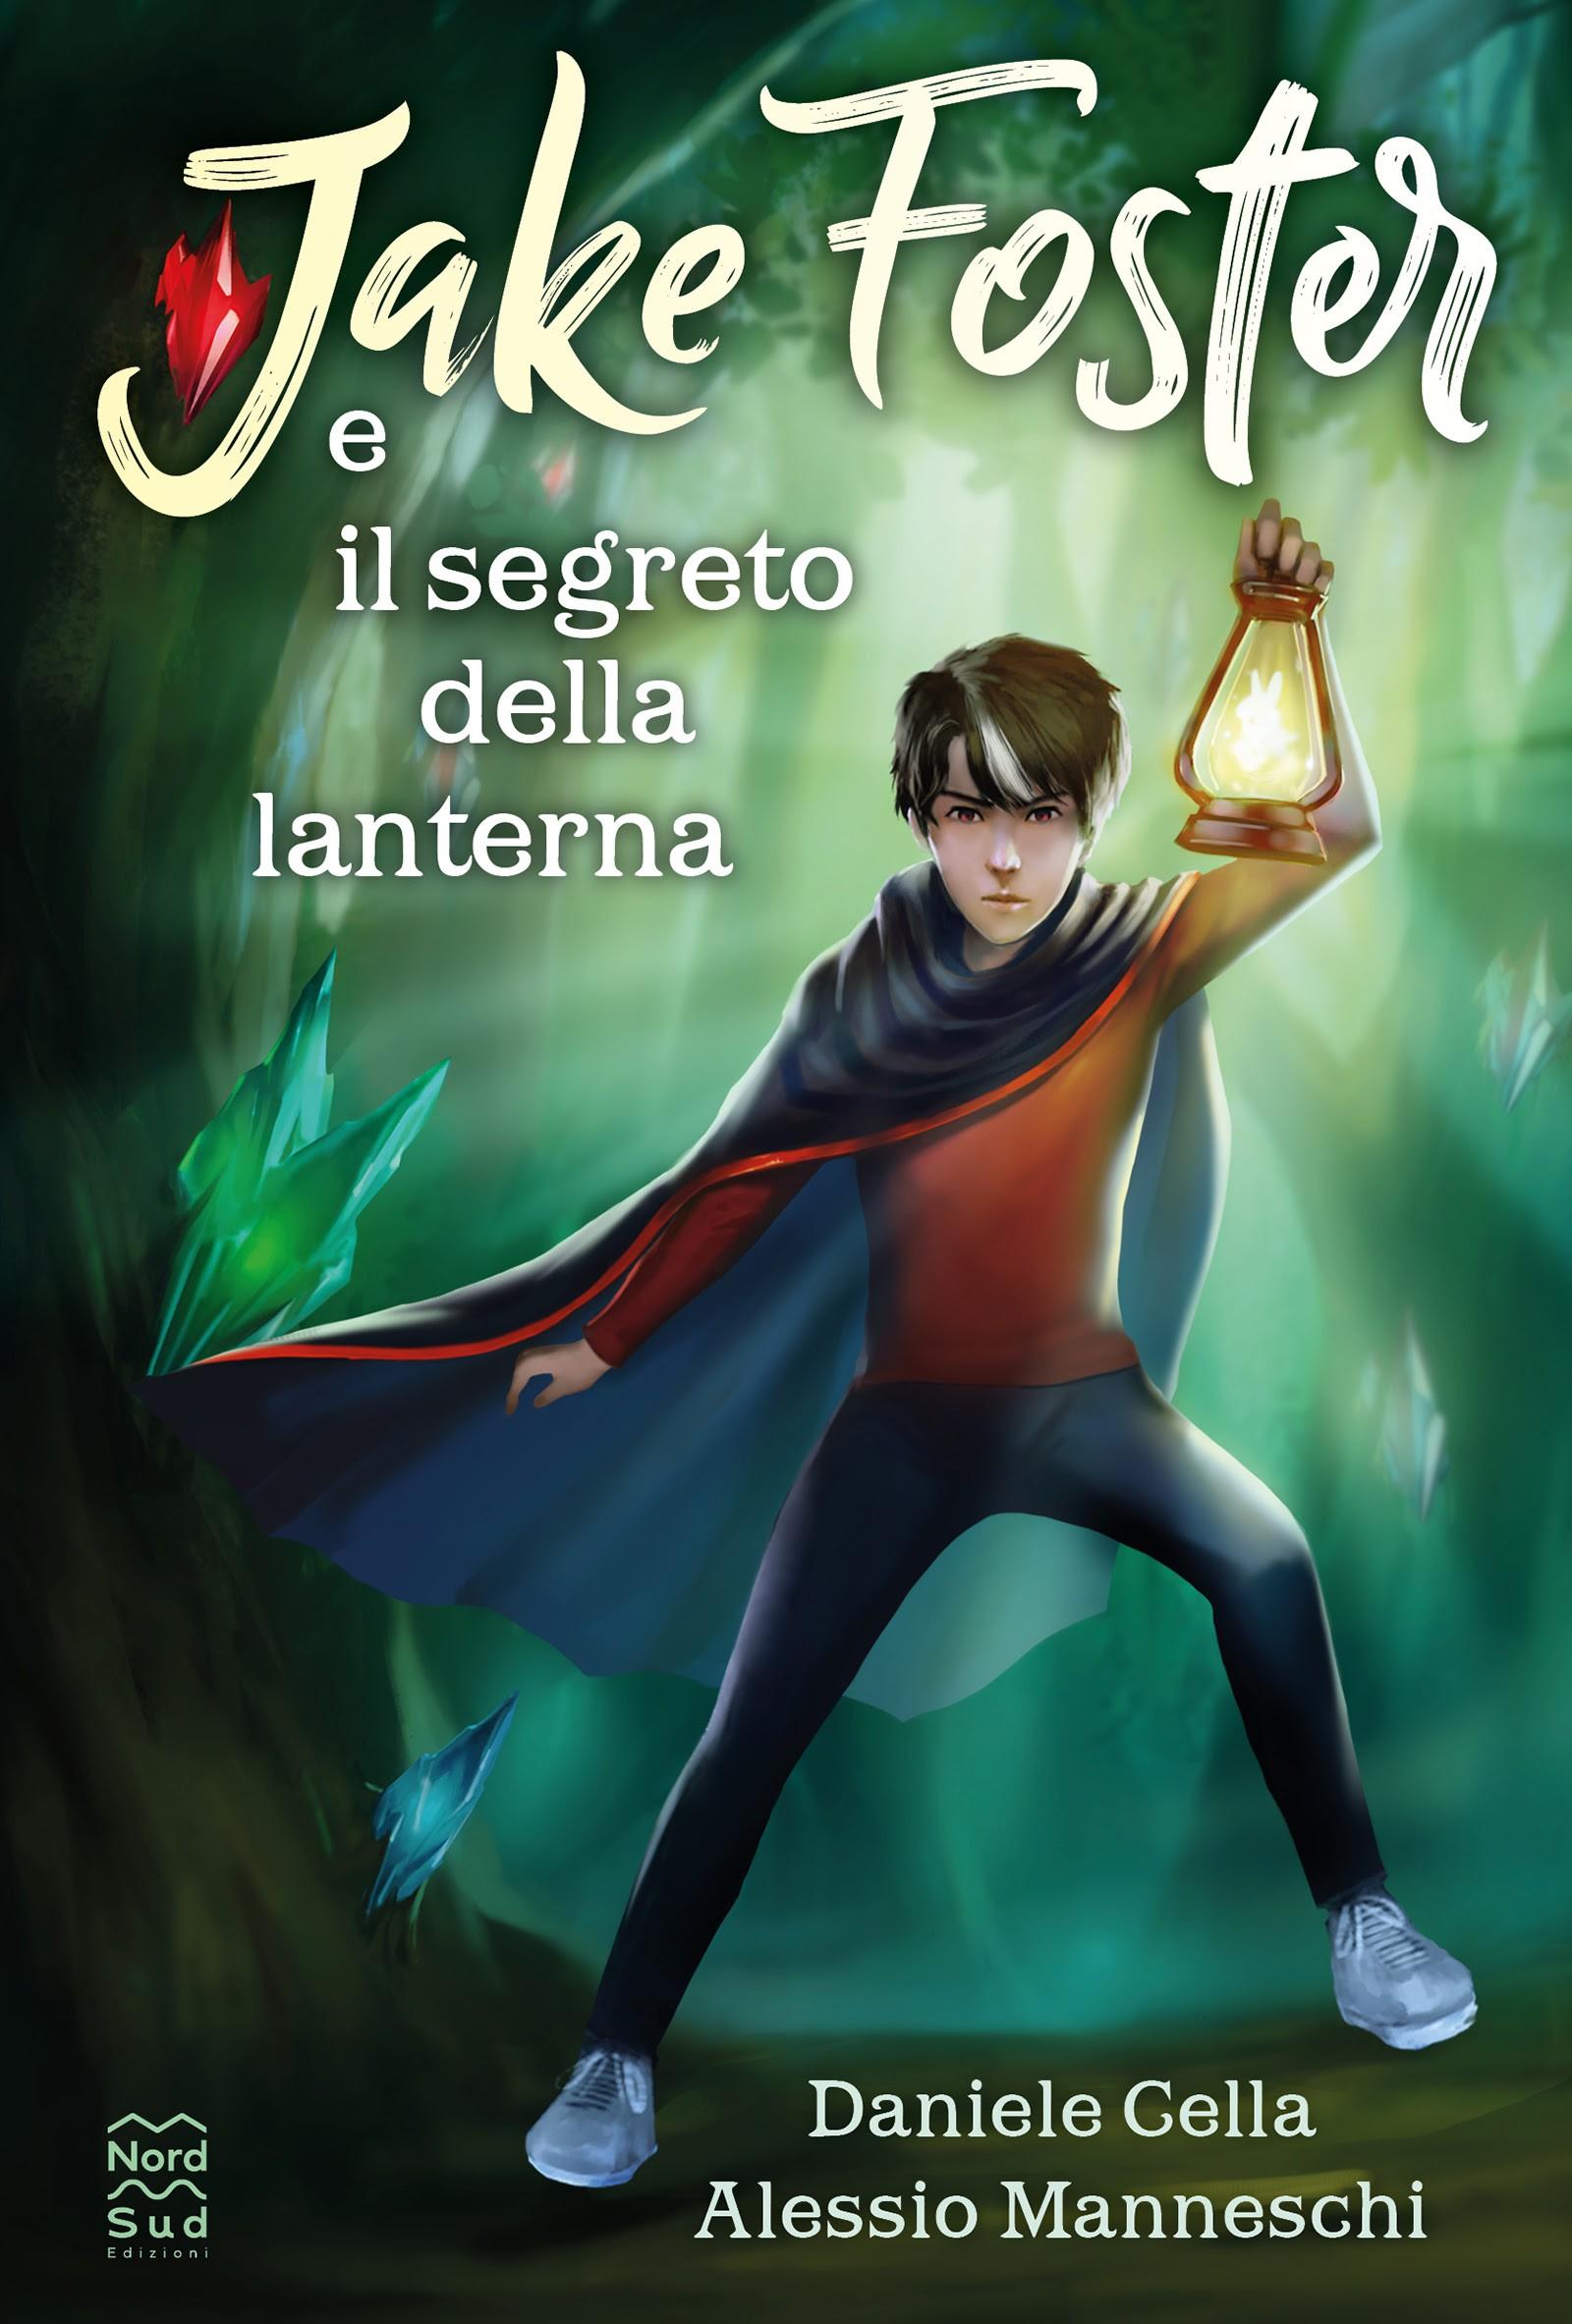 'Jake Foster e il segreto della lanterna' - il primo fantasy per ragazzi Nord-Sud Edizioni